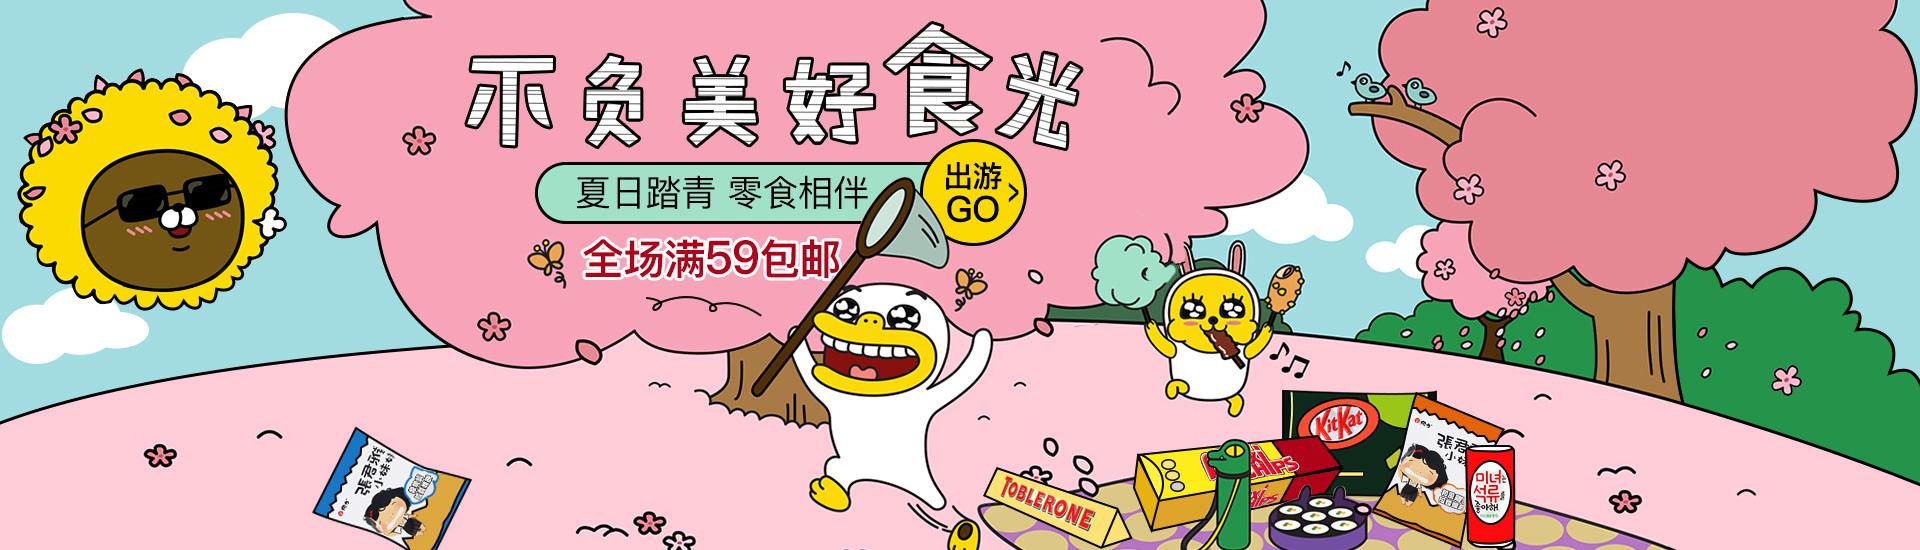 踏青零食banner